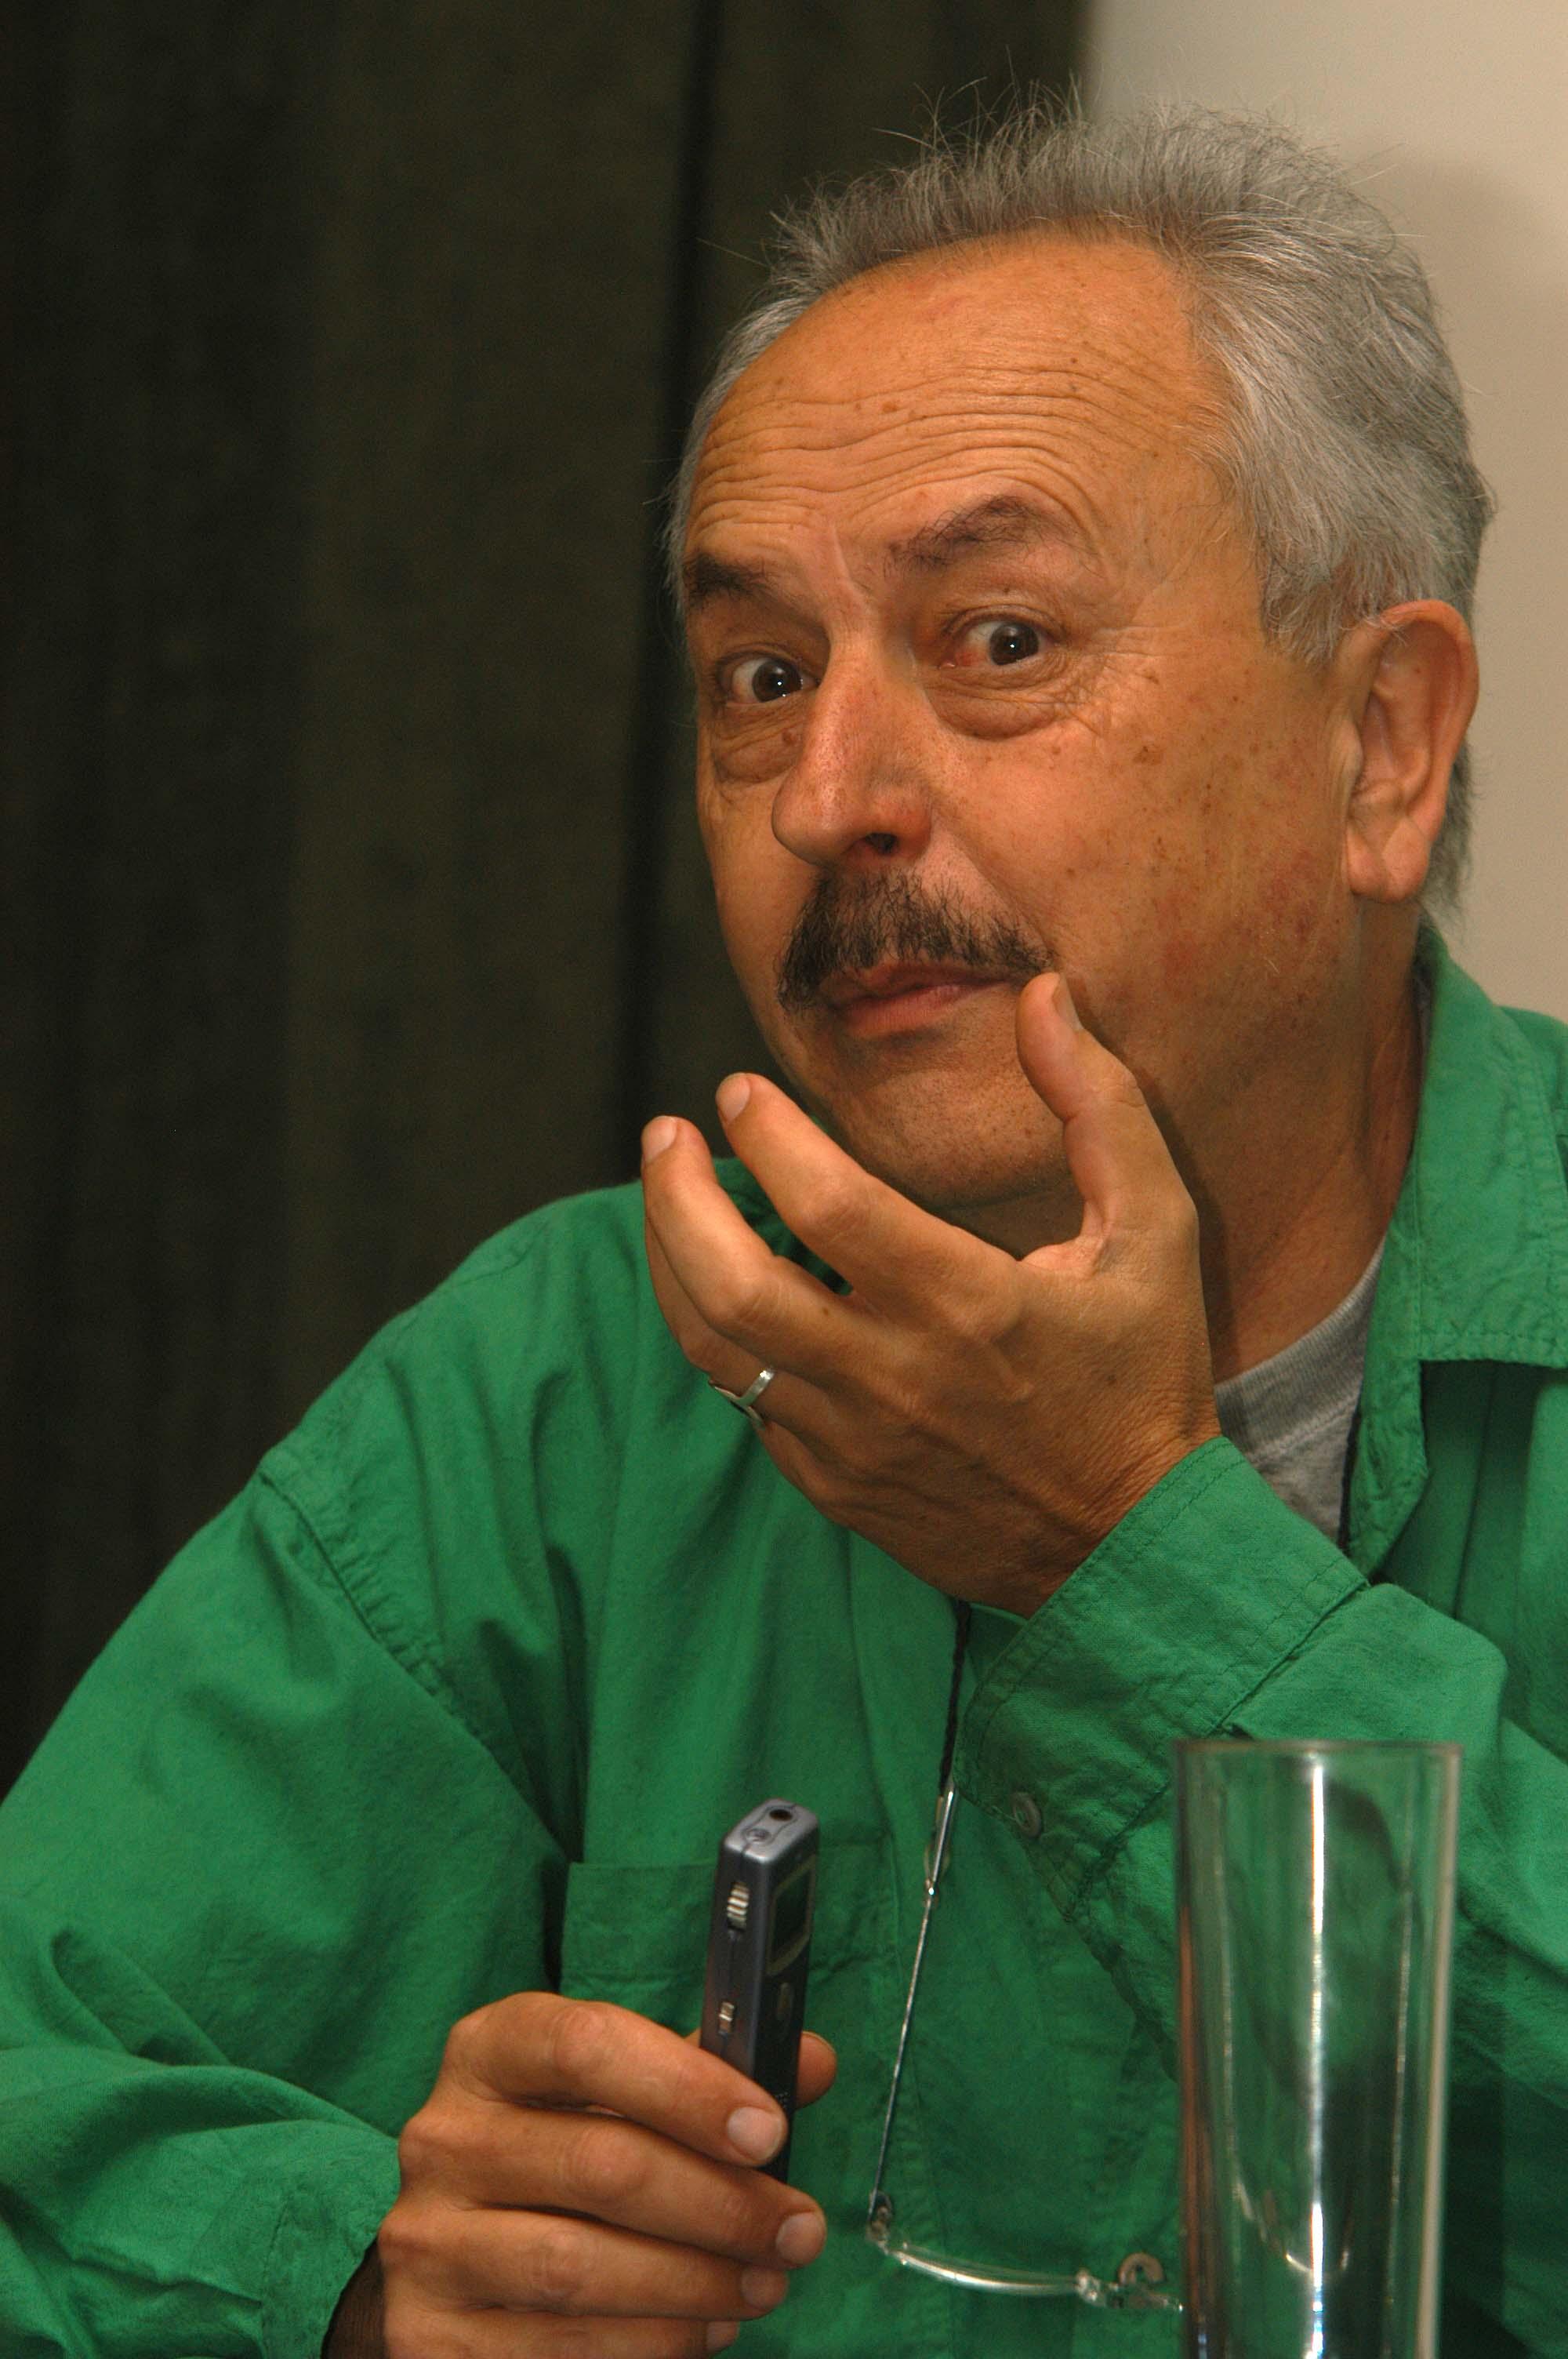 Se nos fue Jorge Rueda. Surrealismo en estado puro, un genio irrepetible - Mira-Algeciras-Jorge-Rueda-Retrato-5